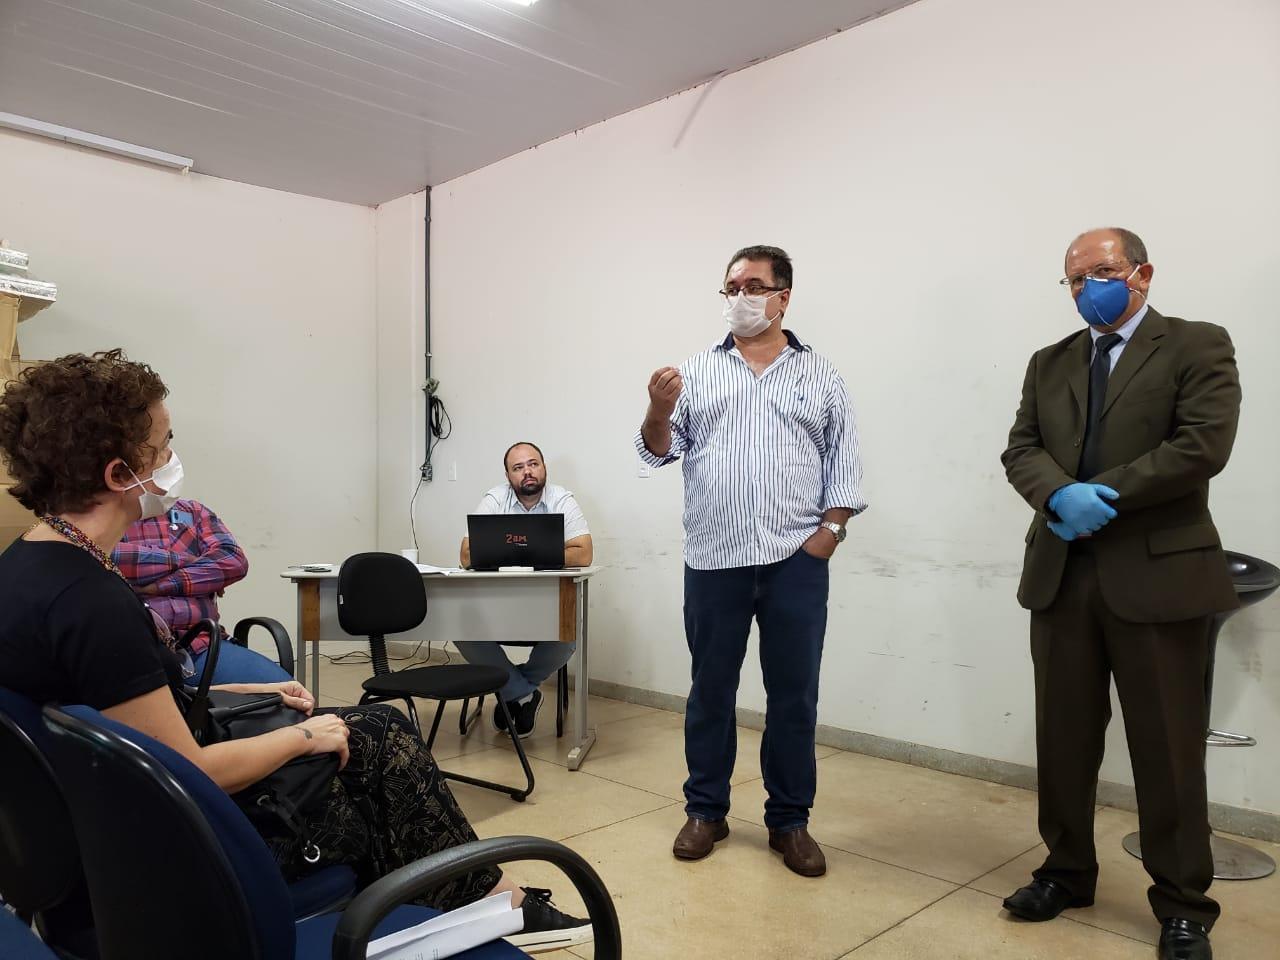 Durante reunião em Colinas, MPTO se manifesta pela manutenção de decreto municipal que impõe isolamento social